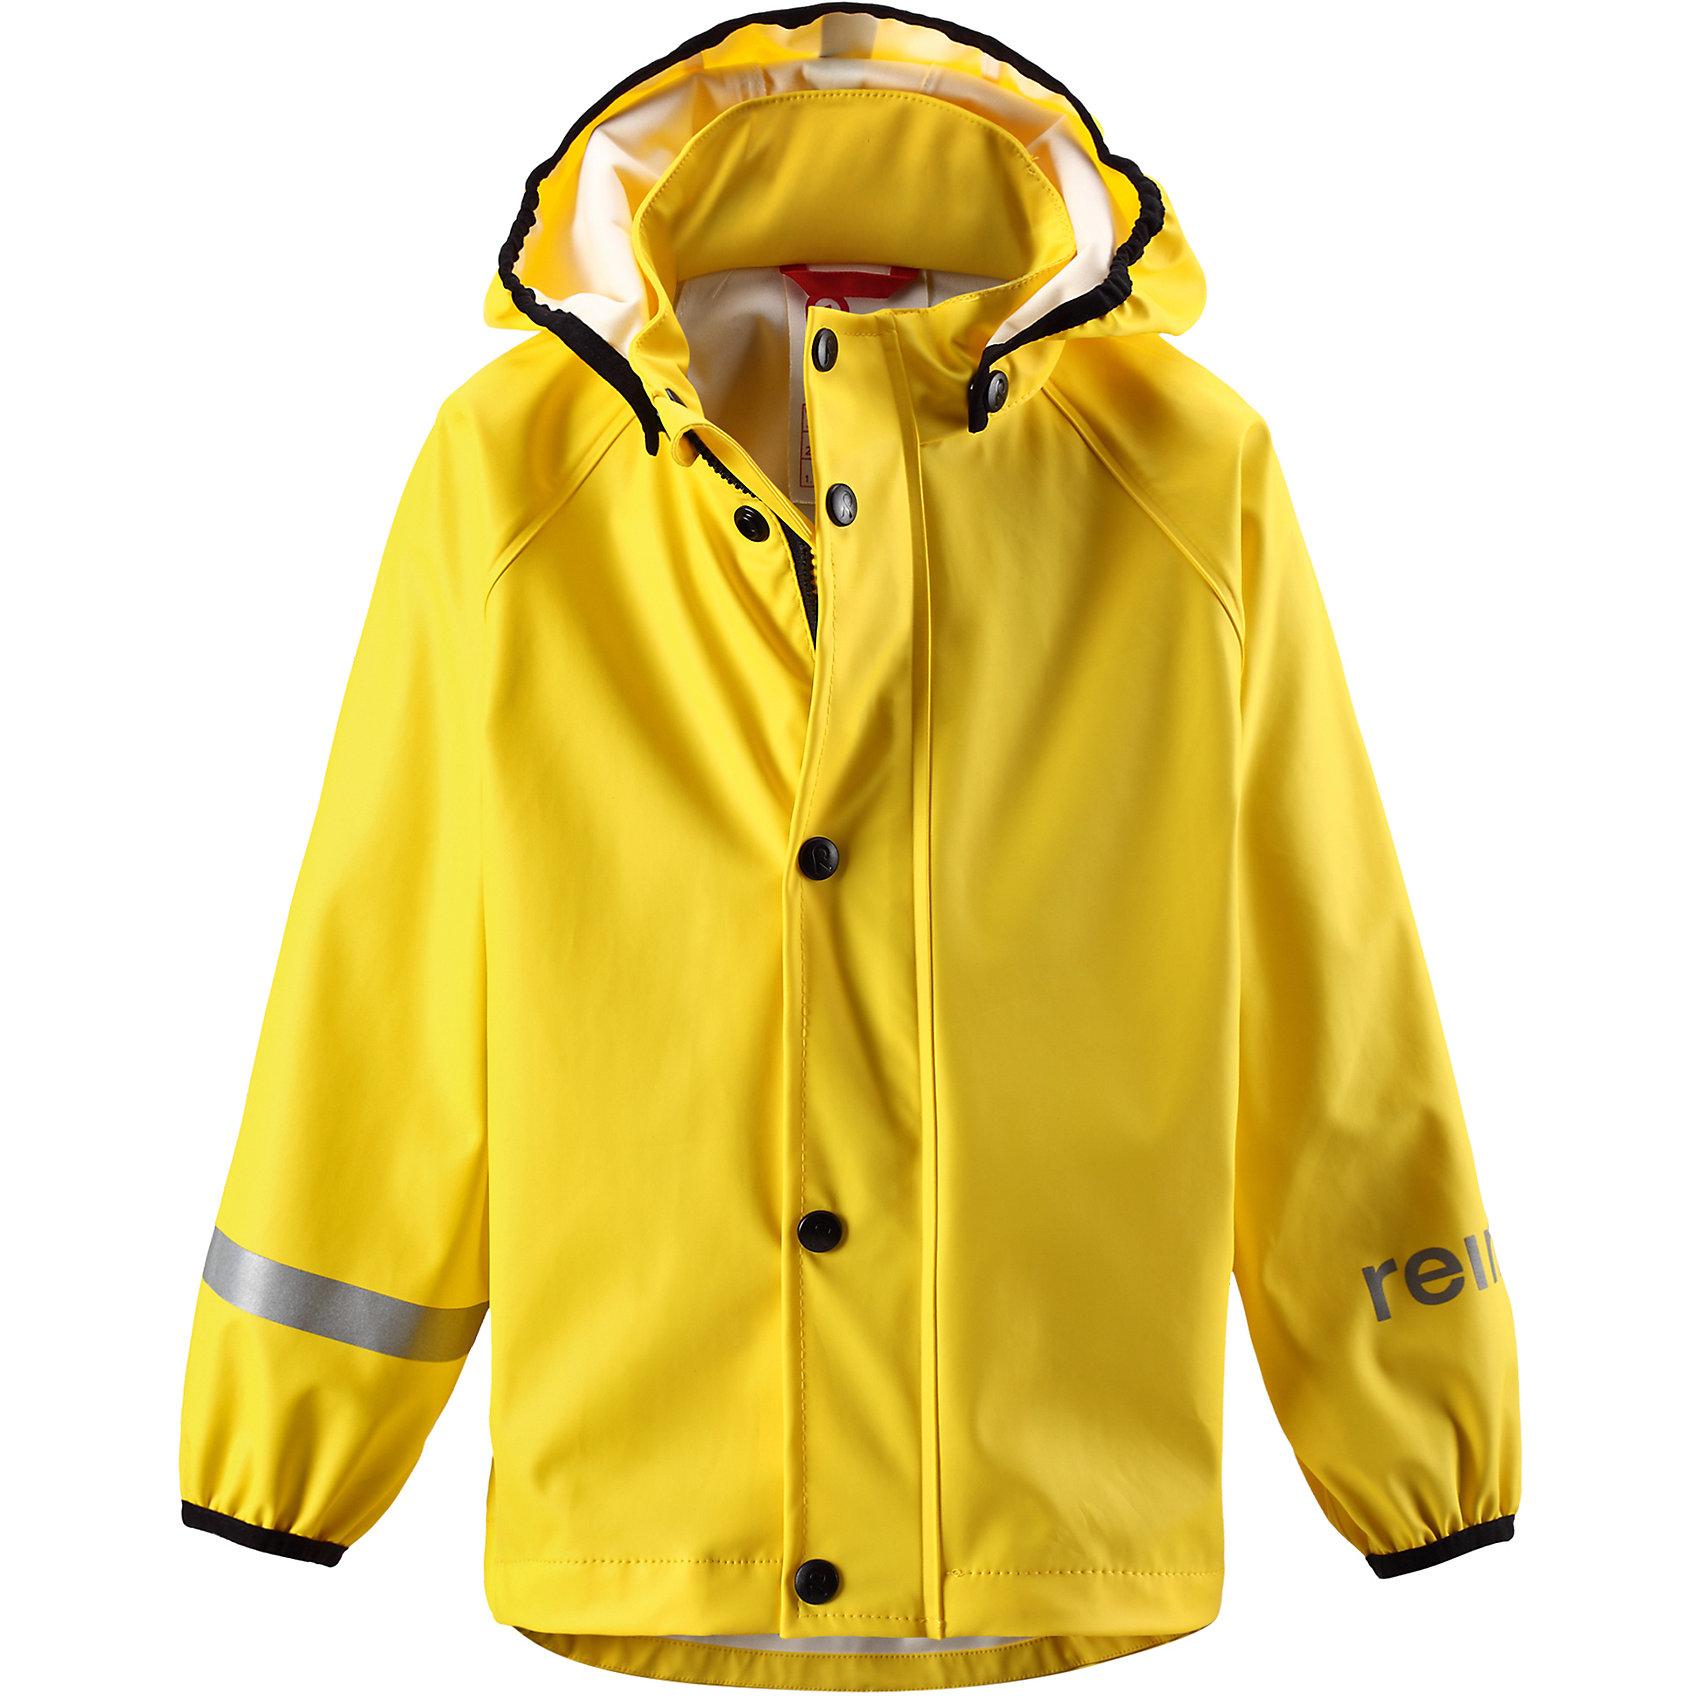 Плащ-дождевик Lampi ReimaВерхняя одежда<br>Плащ-дождевик  Reima<br>Куртка-дождевик для детей. Запаянные швы, не пропускающие влагу. Эластичный материал. Без ПХВ. Безопасный, съемный капюшон. Эластичная резинка на кромке капюшона. Эластичные манжеты. Молния спереди. Безопасные светоотражающие детали. Отличный вариант для дождливой погоды.<br>Уход:<br>Стирать по отдельности, вывернув наизнанку. Застегнуть молнии и липучки. Стирать моющим средством, не содержащим отбеливающие вещества. Полоскать без специального средства. Во избежание изменения цвета изделие необходимо вынуть из стиральной машинки незамедлительно после окончания программы стирки. Сушить при низкой температуре.<br>Состав:<br>100% Полиамид, полиуретановое покрытие<br><br>Ширина мм: 356<br>Глубина мм: 10<br>Высота мм: 245<br>Вес г: 519<br>Цвет: желтый<br>Возраст от месяцев: 60<br>Возраст до месяцев: 72<br>Пол: Унисекс<br>Возраст: Детский<br>Размер: 116,122,128,134,98,86,140,92,104,110<br>SKU: 4776426